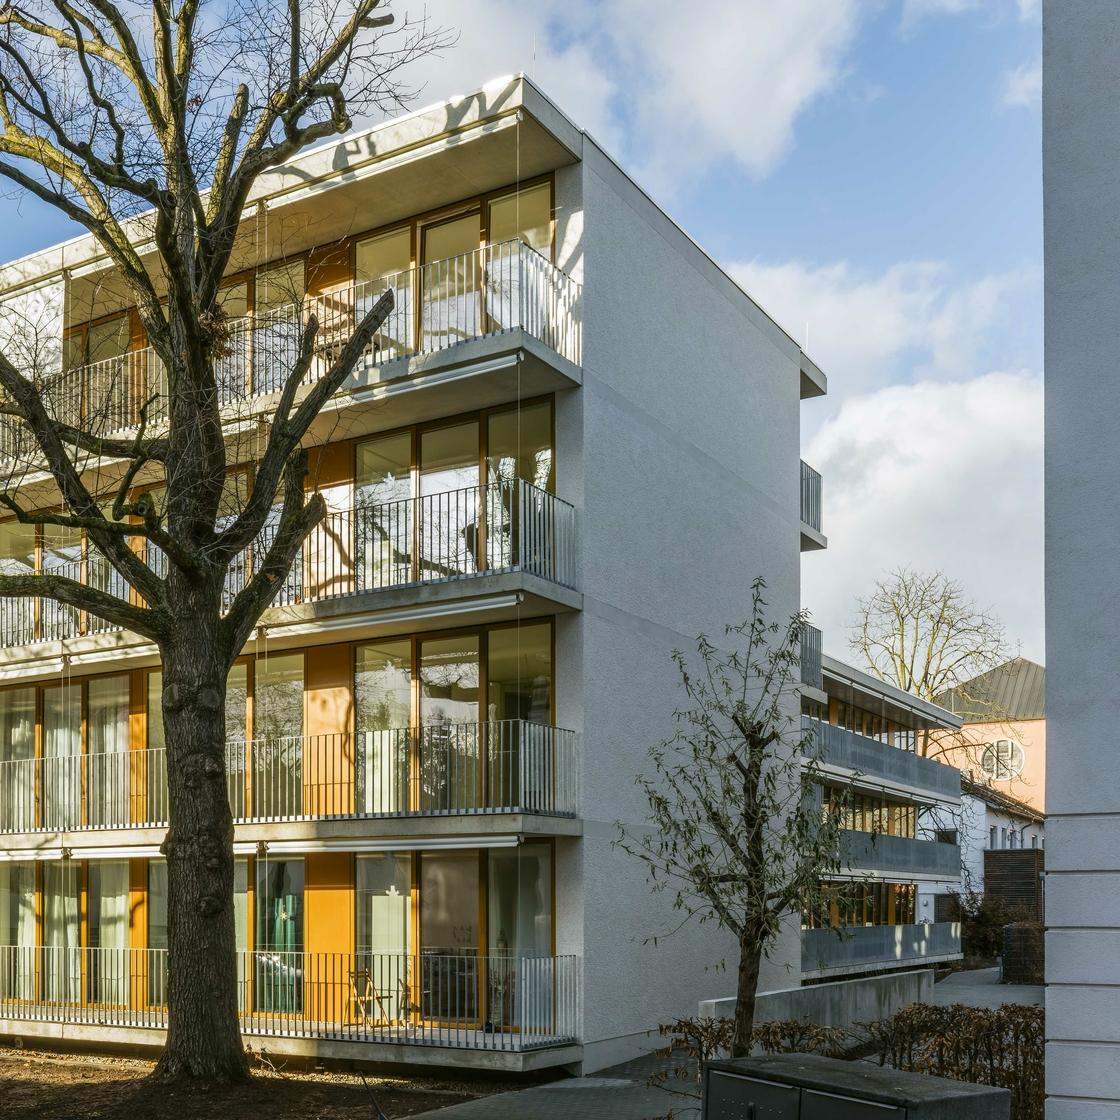 Waechter-Waechter-Seniorenwohnhaus_St-Josef_Frankfurt_2016